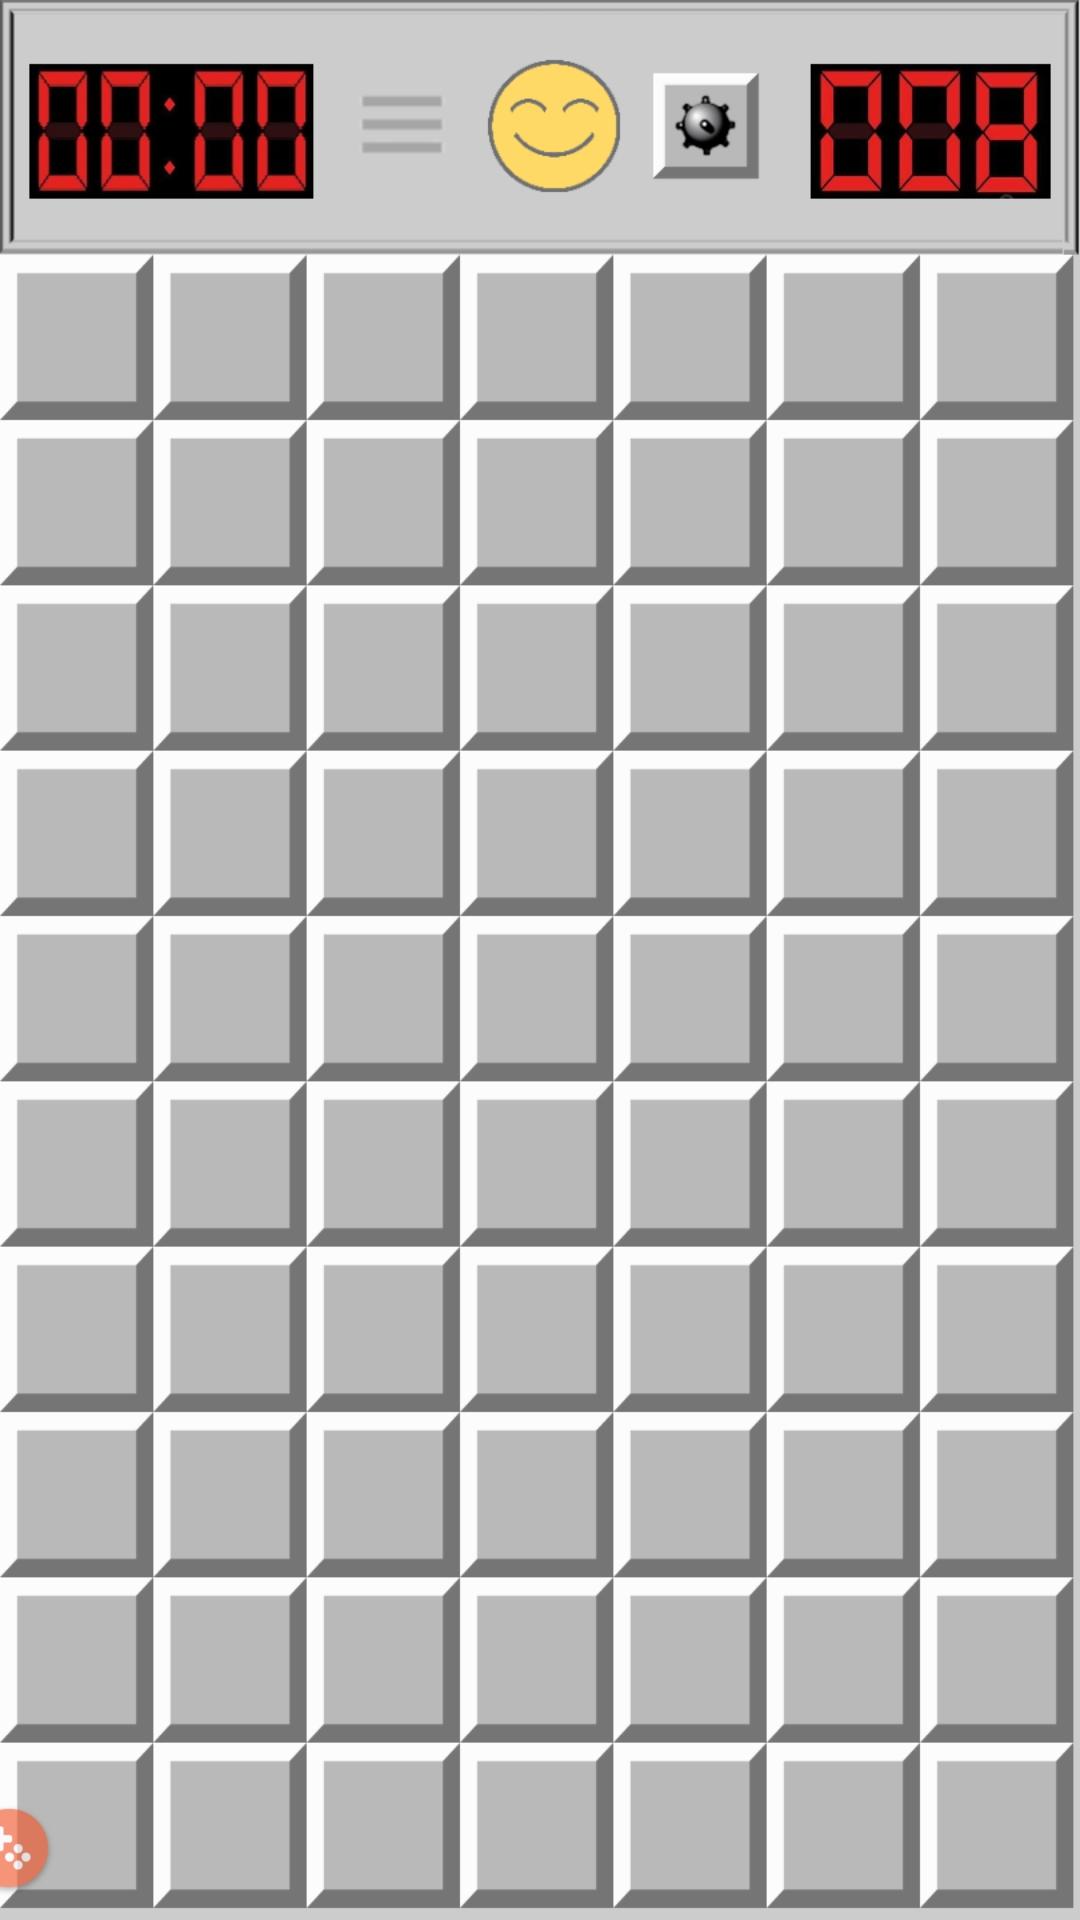 45095.jpg